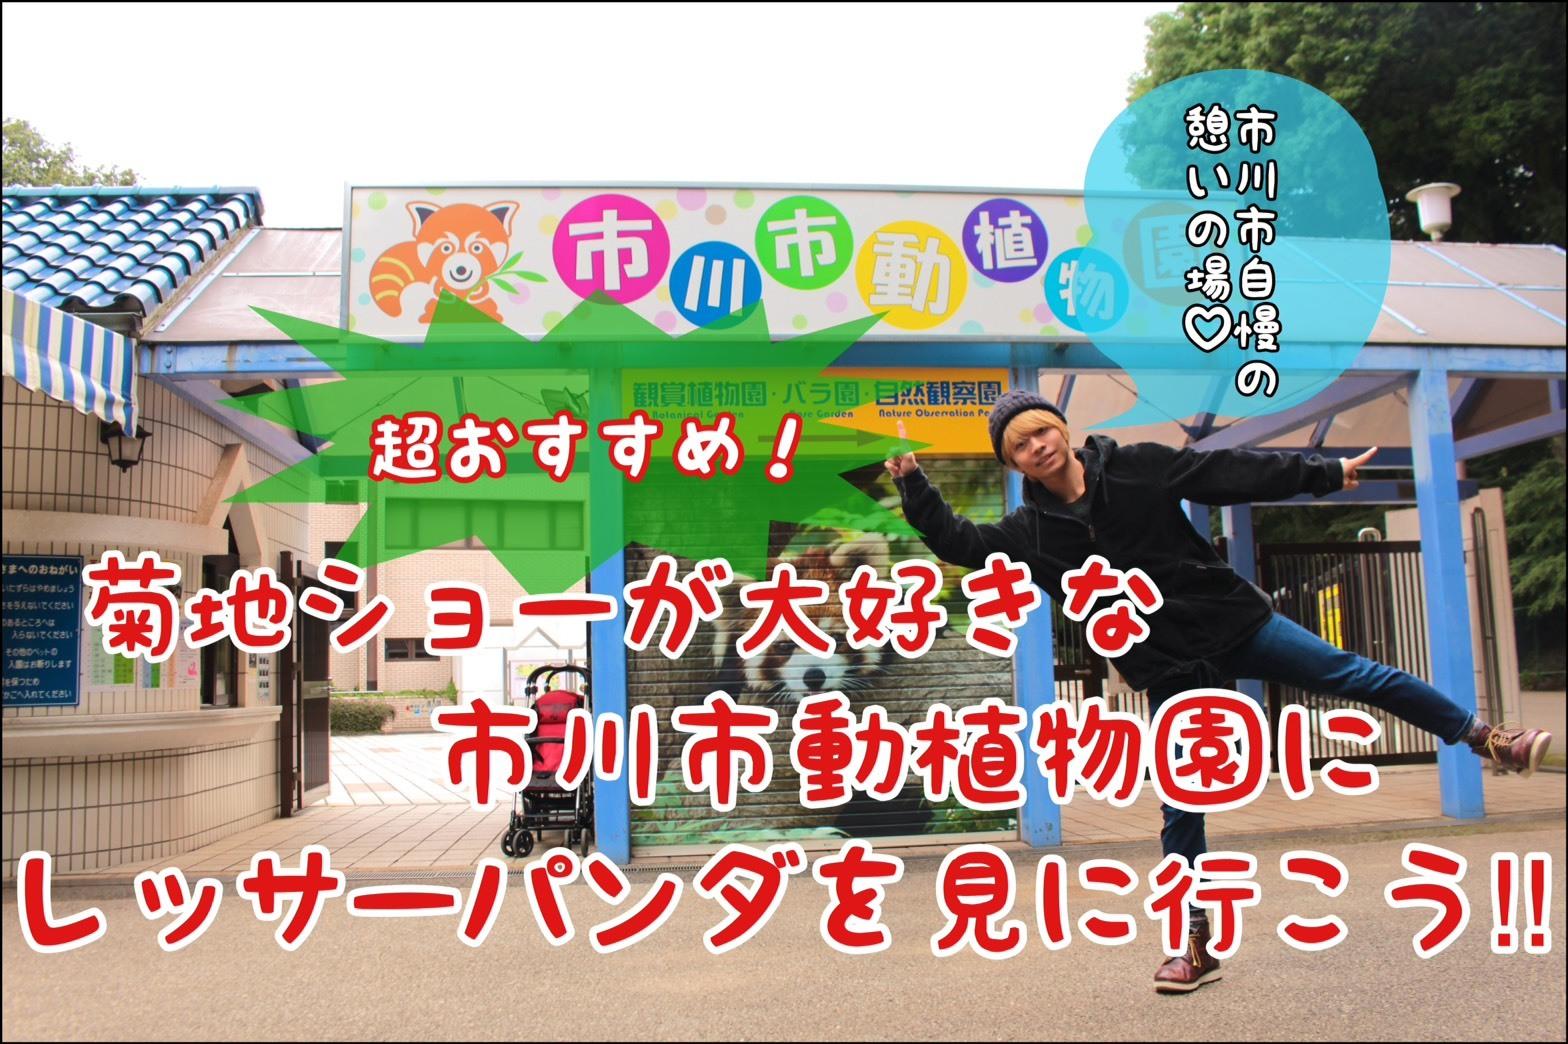 【メンバー個人プラン:菊地ショー】